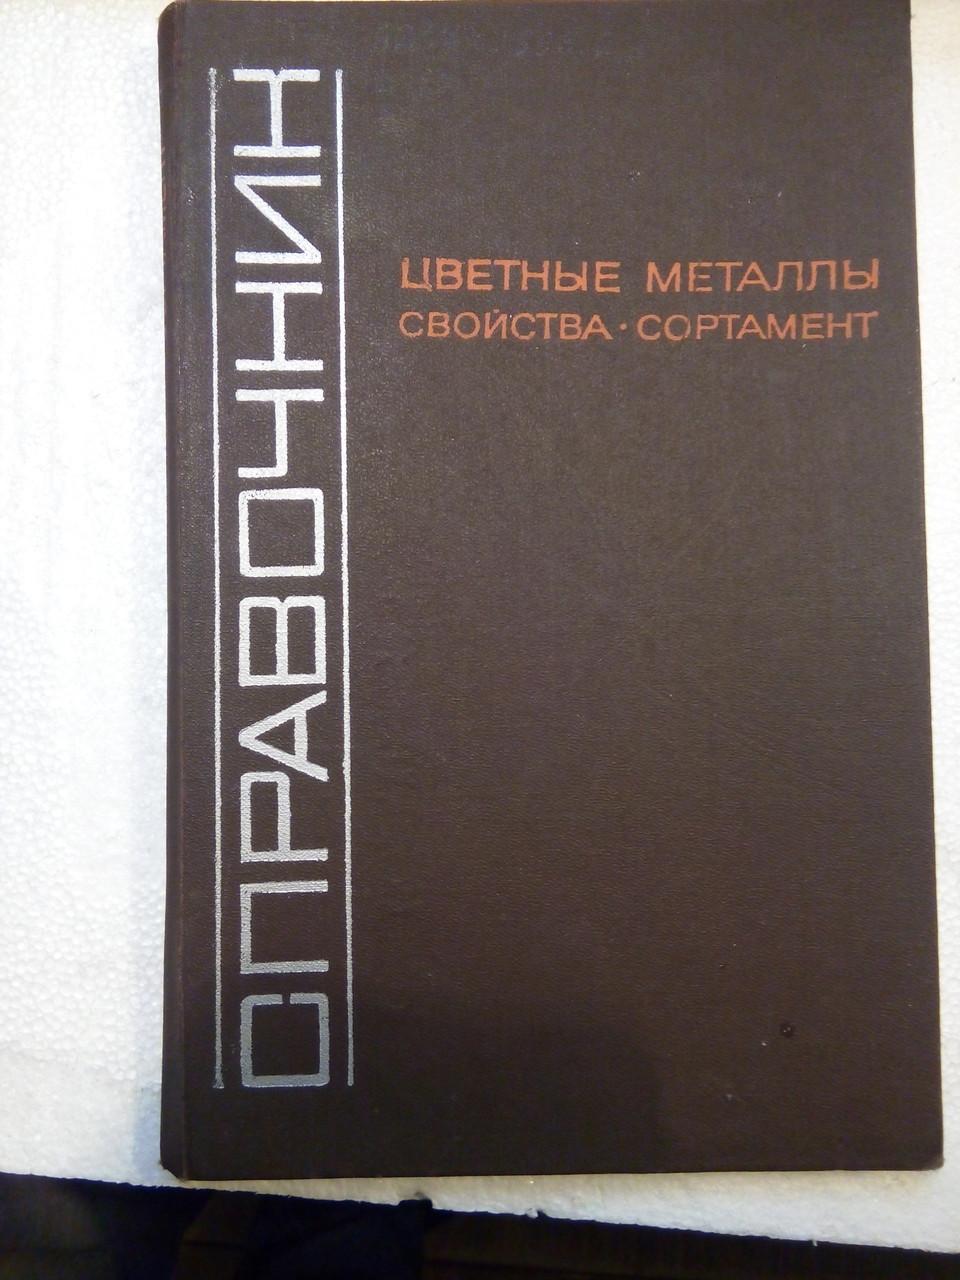 Справочник Цветные металлы Свойства Сортамент